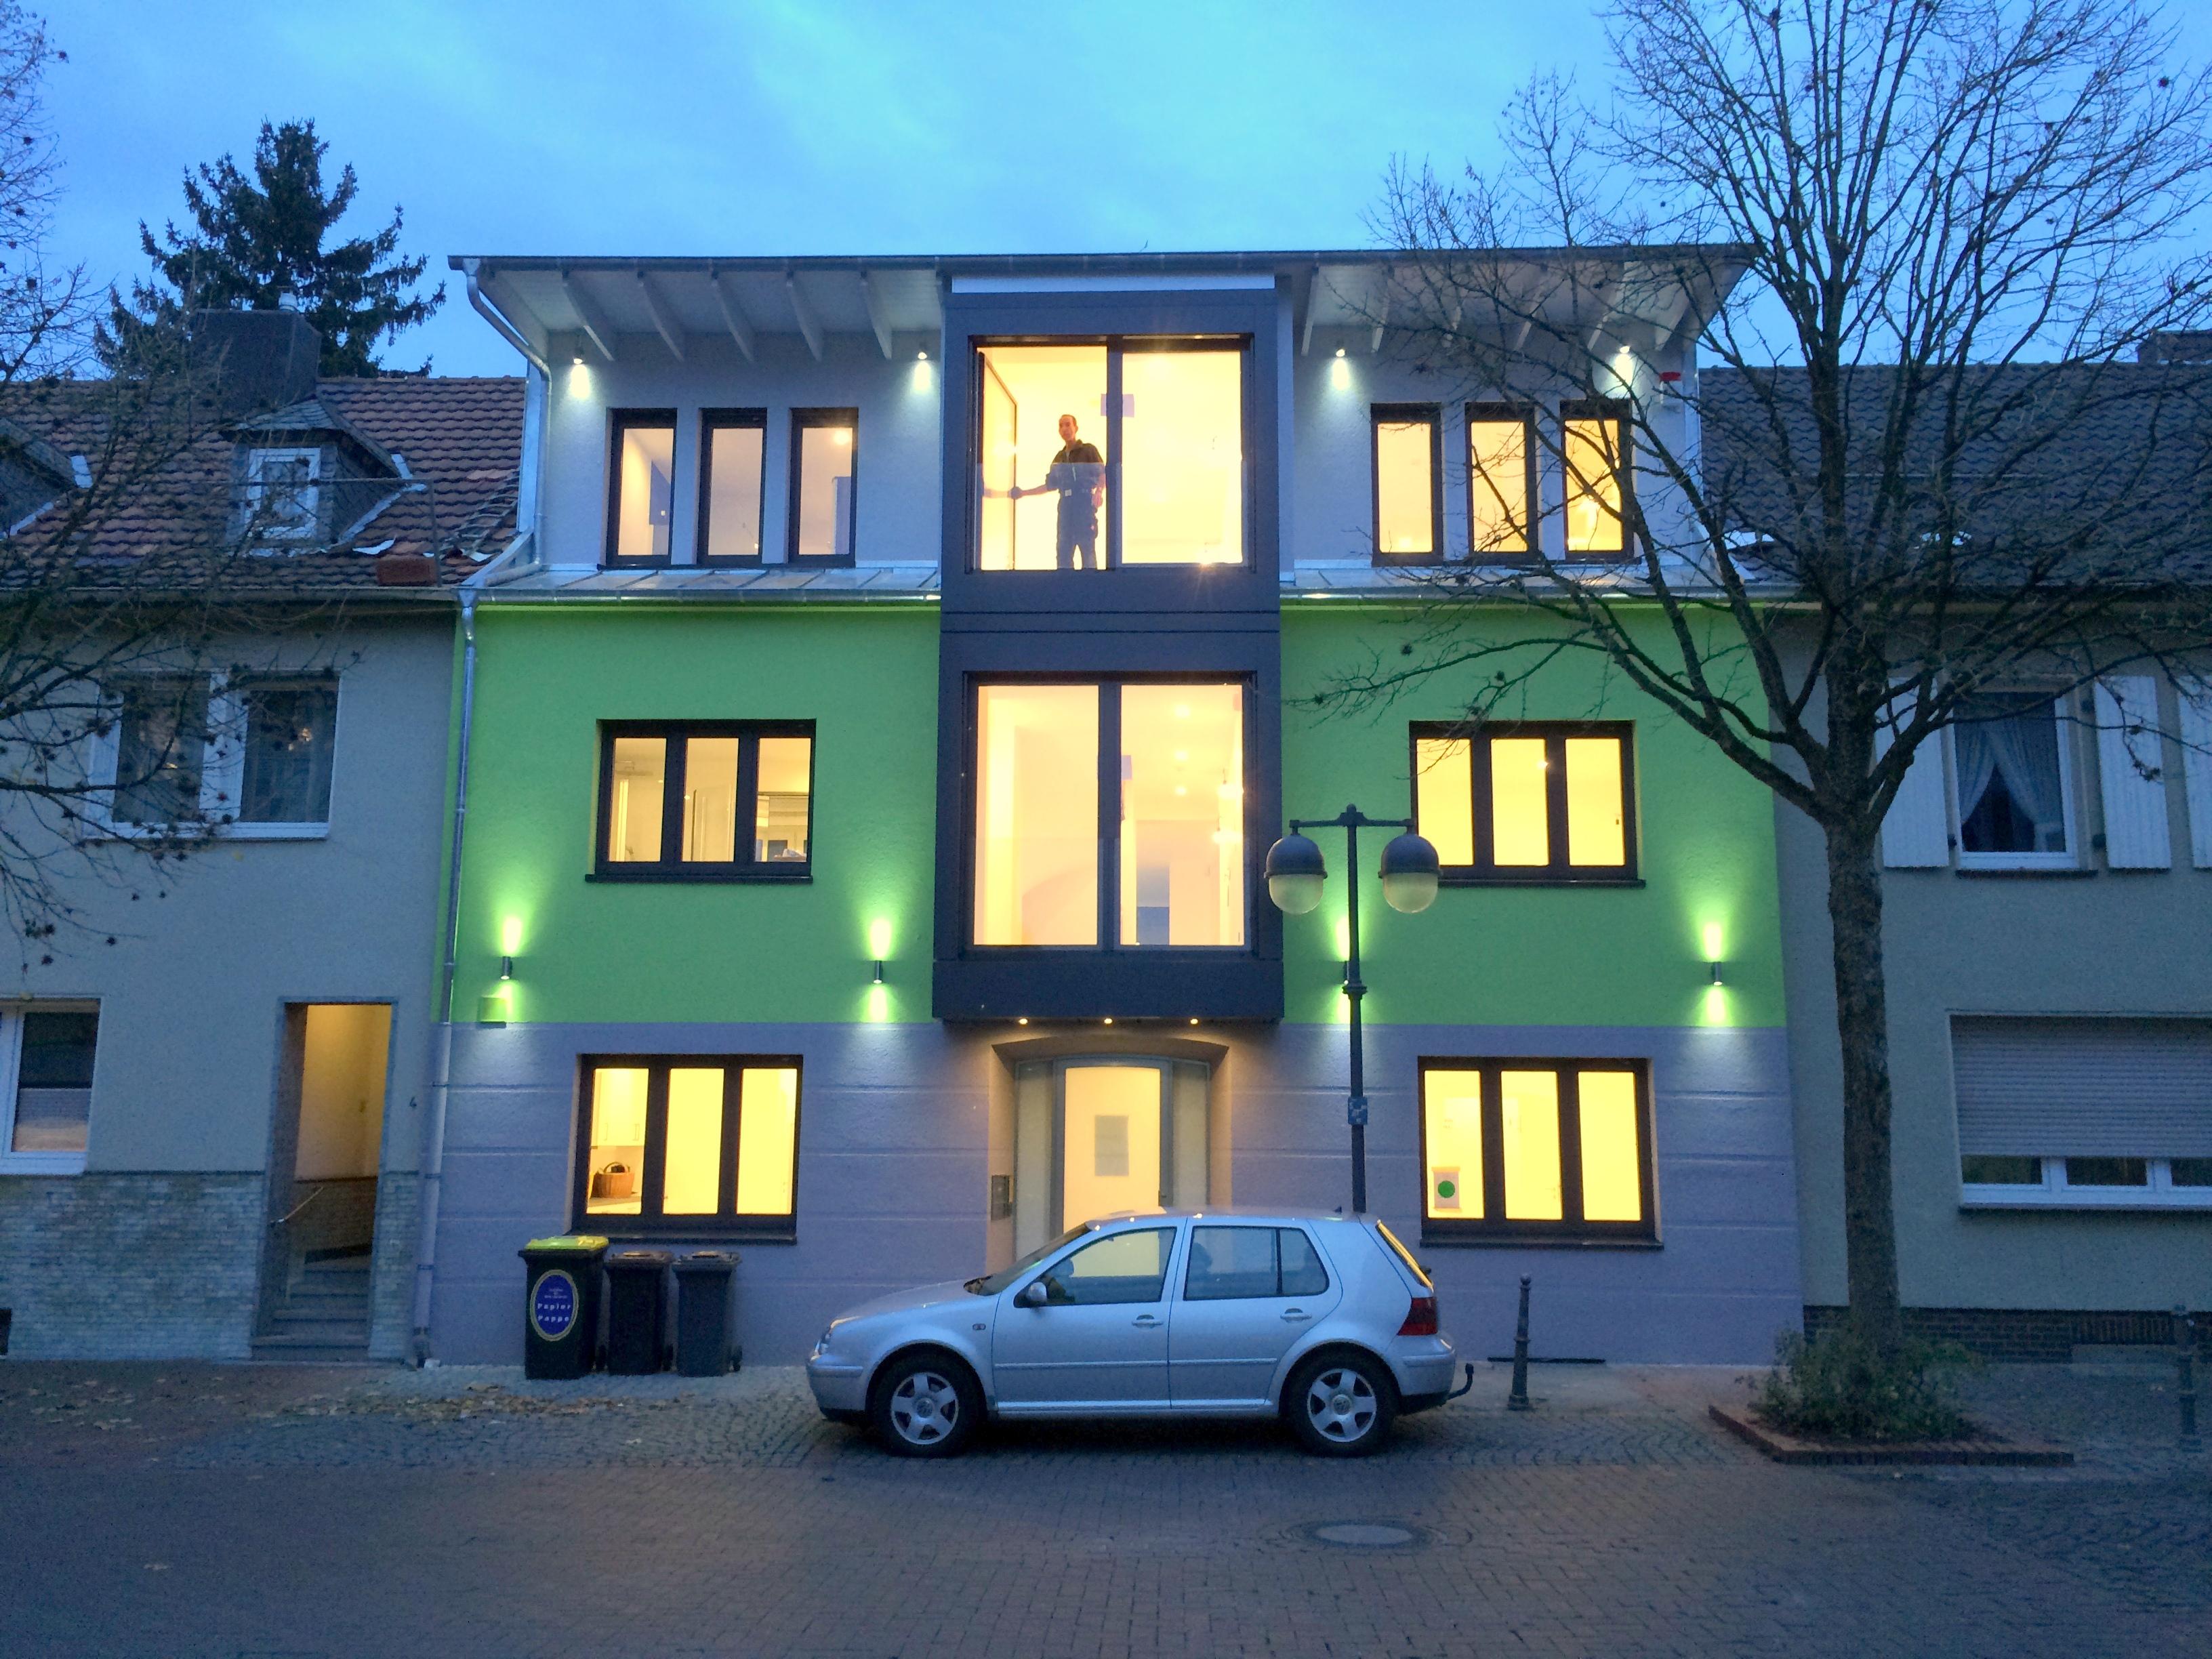 Umbau und Erweiterung eines Zweifamilienwohnhauses